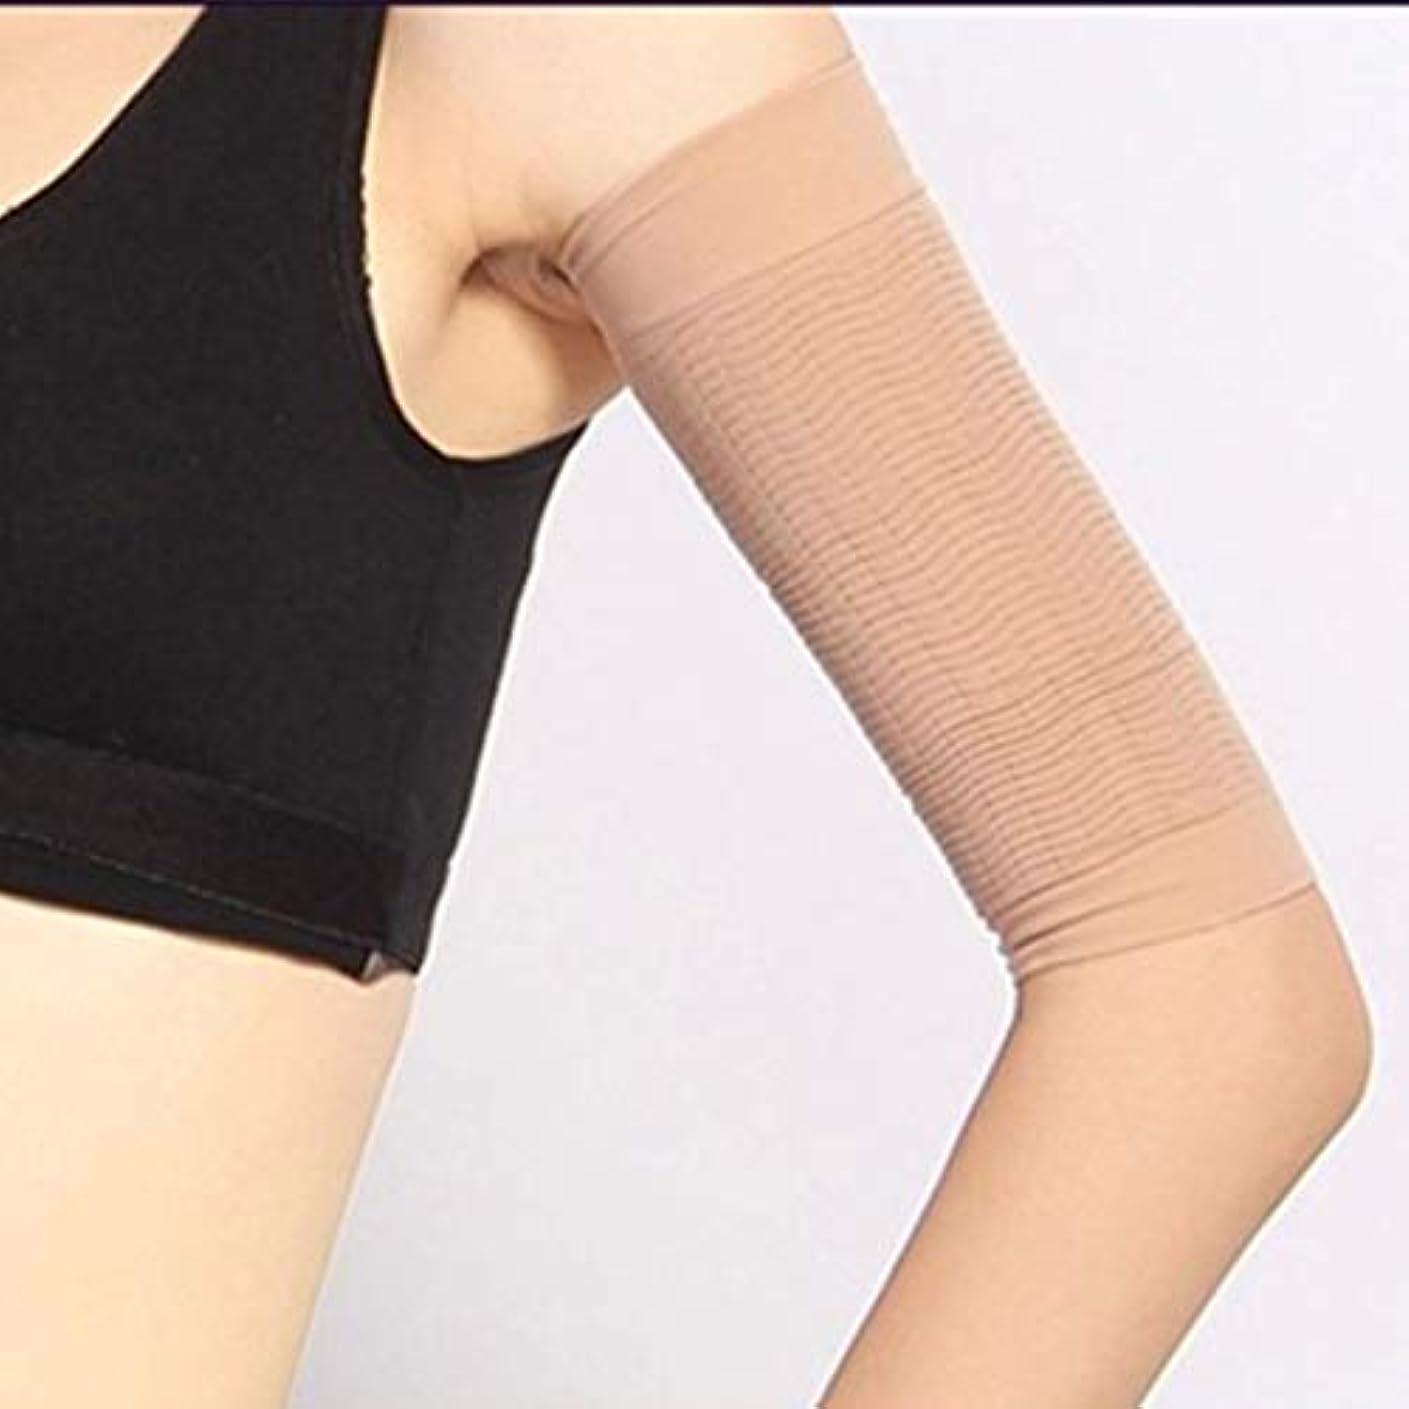 自分隔離する反乱1ペア420 D圧縮痩身アームスリーブワークアウトトーニングバーンセルライトシェイパー脂肪燃焼袖用女性 - 肌色